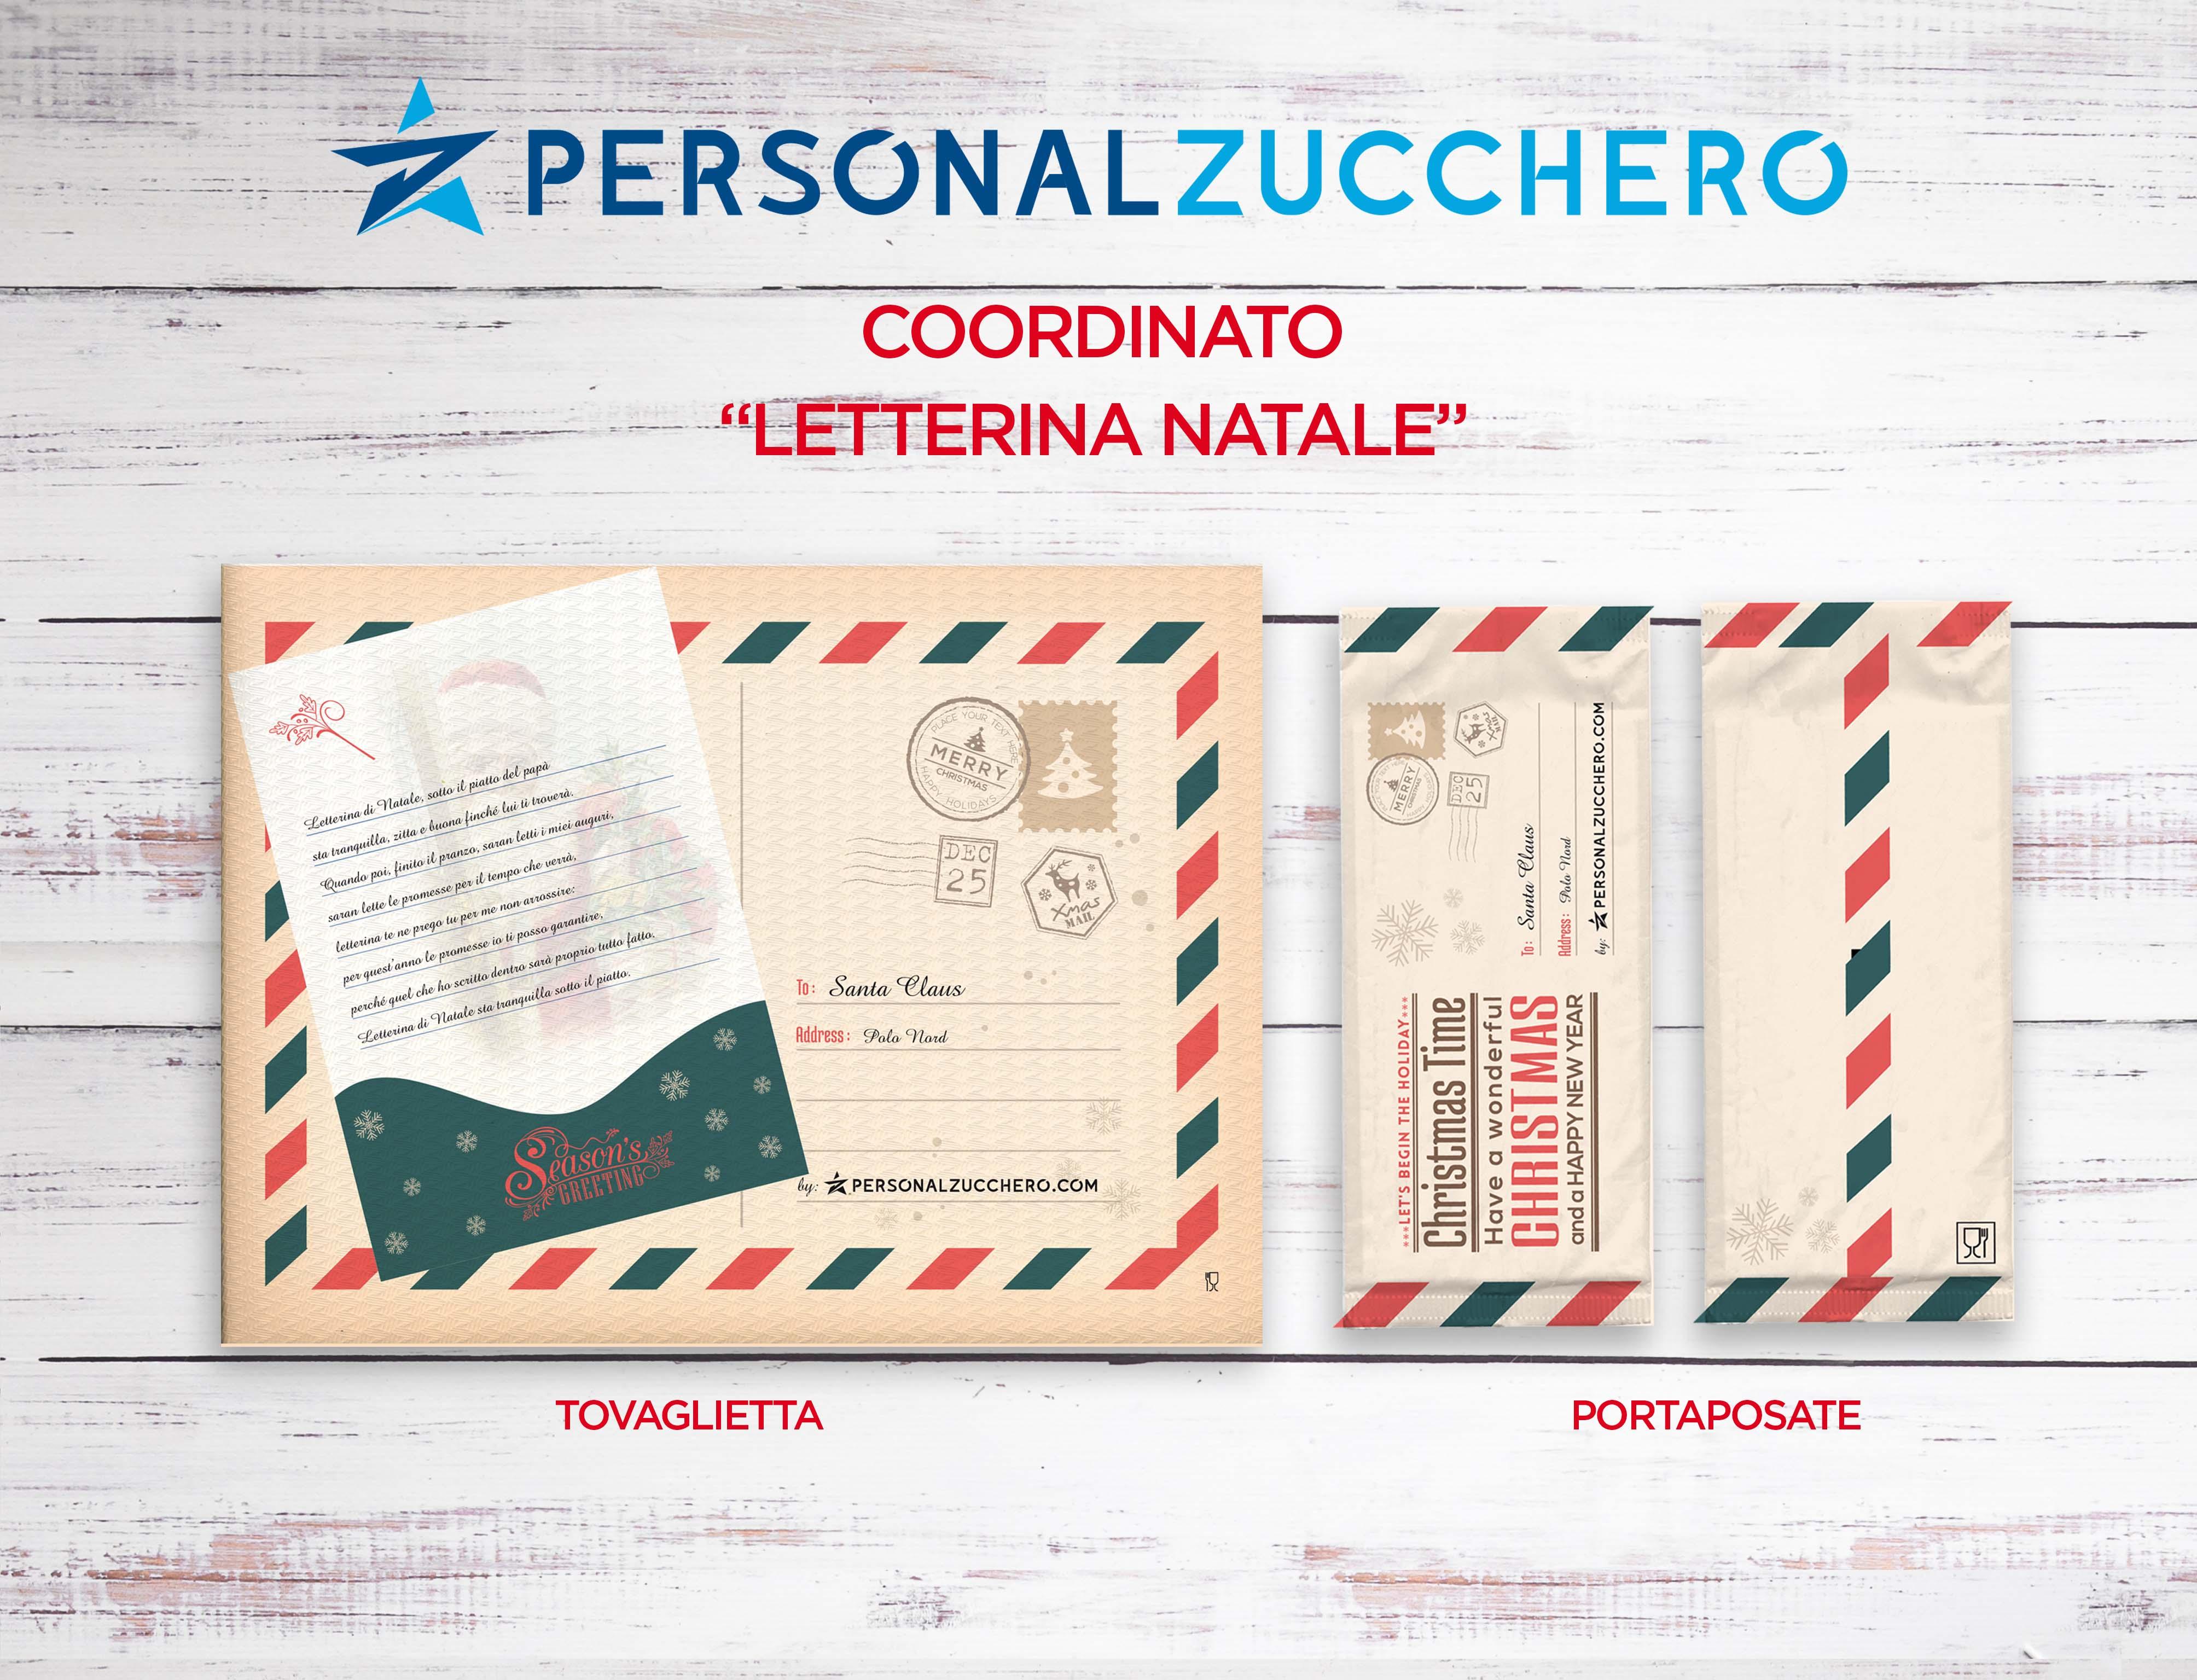 Natale 2021 - Coordinato Letterina Natale